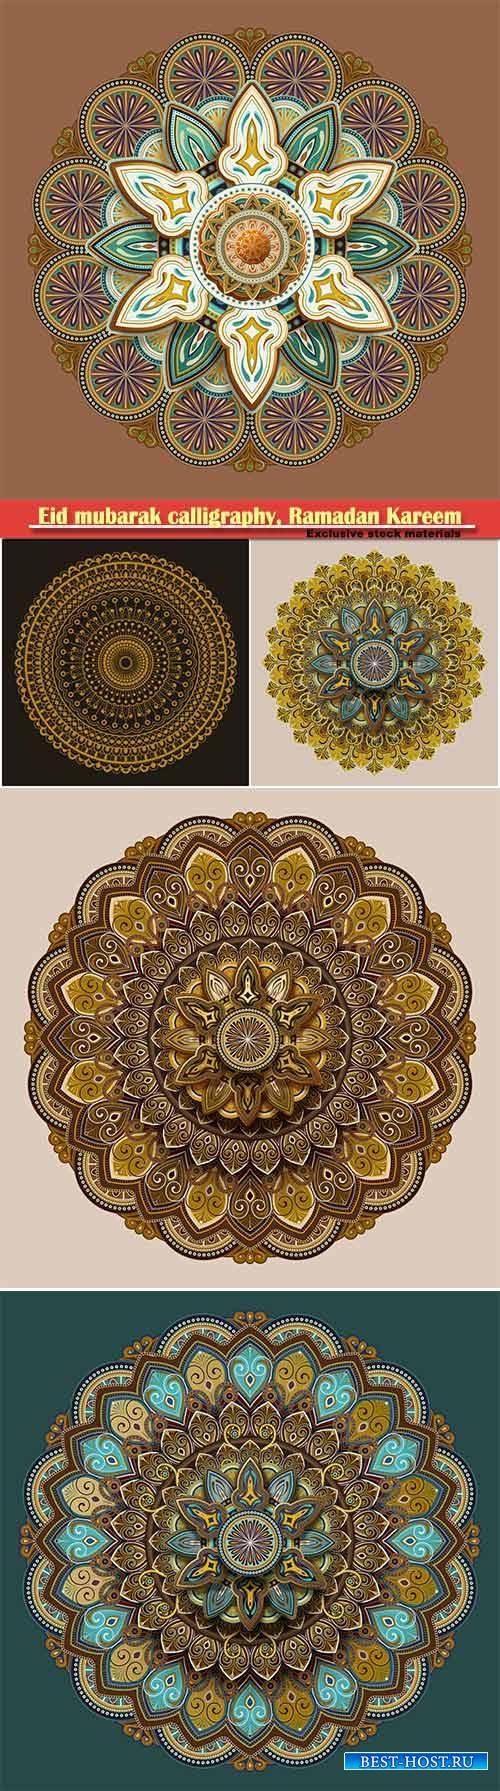 Eid mubarak calligraphy, Ramadan Kareem vector card # 2